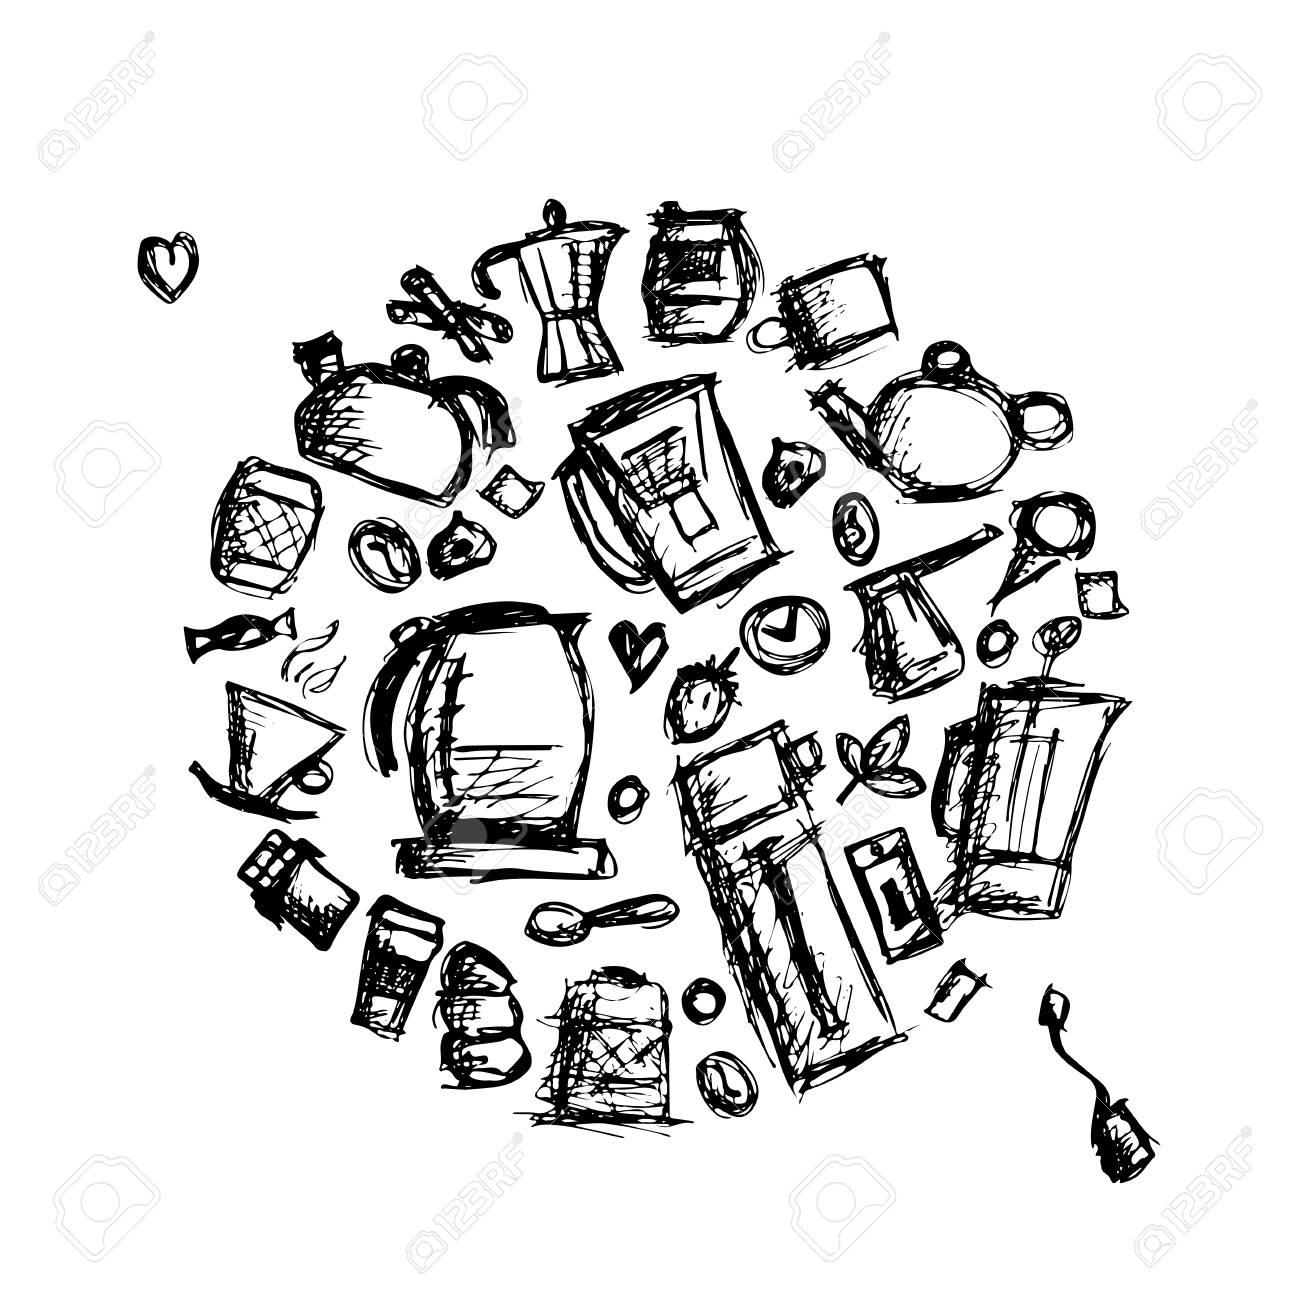 Kuchenutensilien Skizze Fur Ihr Design Zeichnen Vektor Illustration Lizenzfrei Nutzbare Vektorgrafiken Clip Arts Illustrationen Image 75075220